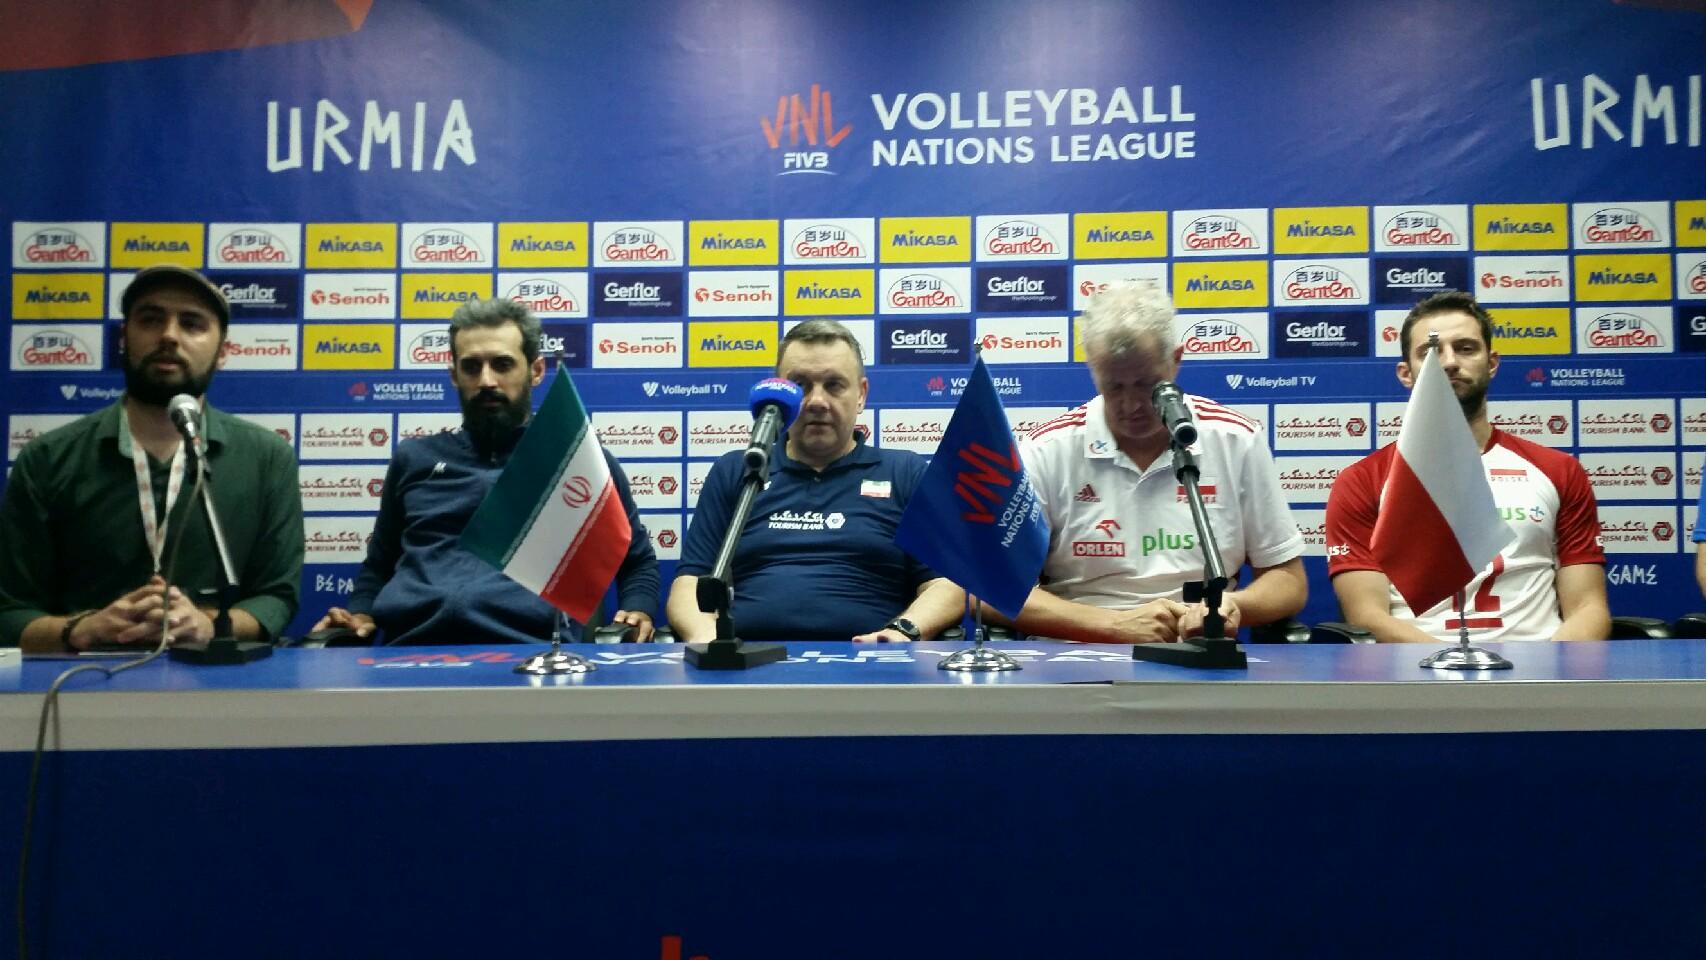 کولاکوویچ:ایران بازی خوبی به نمایش گذاشت/معروف: با حمایت پرشور هواداران توانستیم پیروز میدان شویم